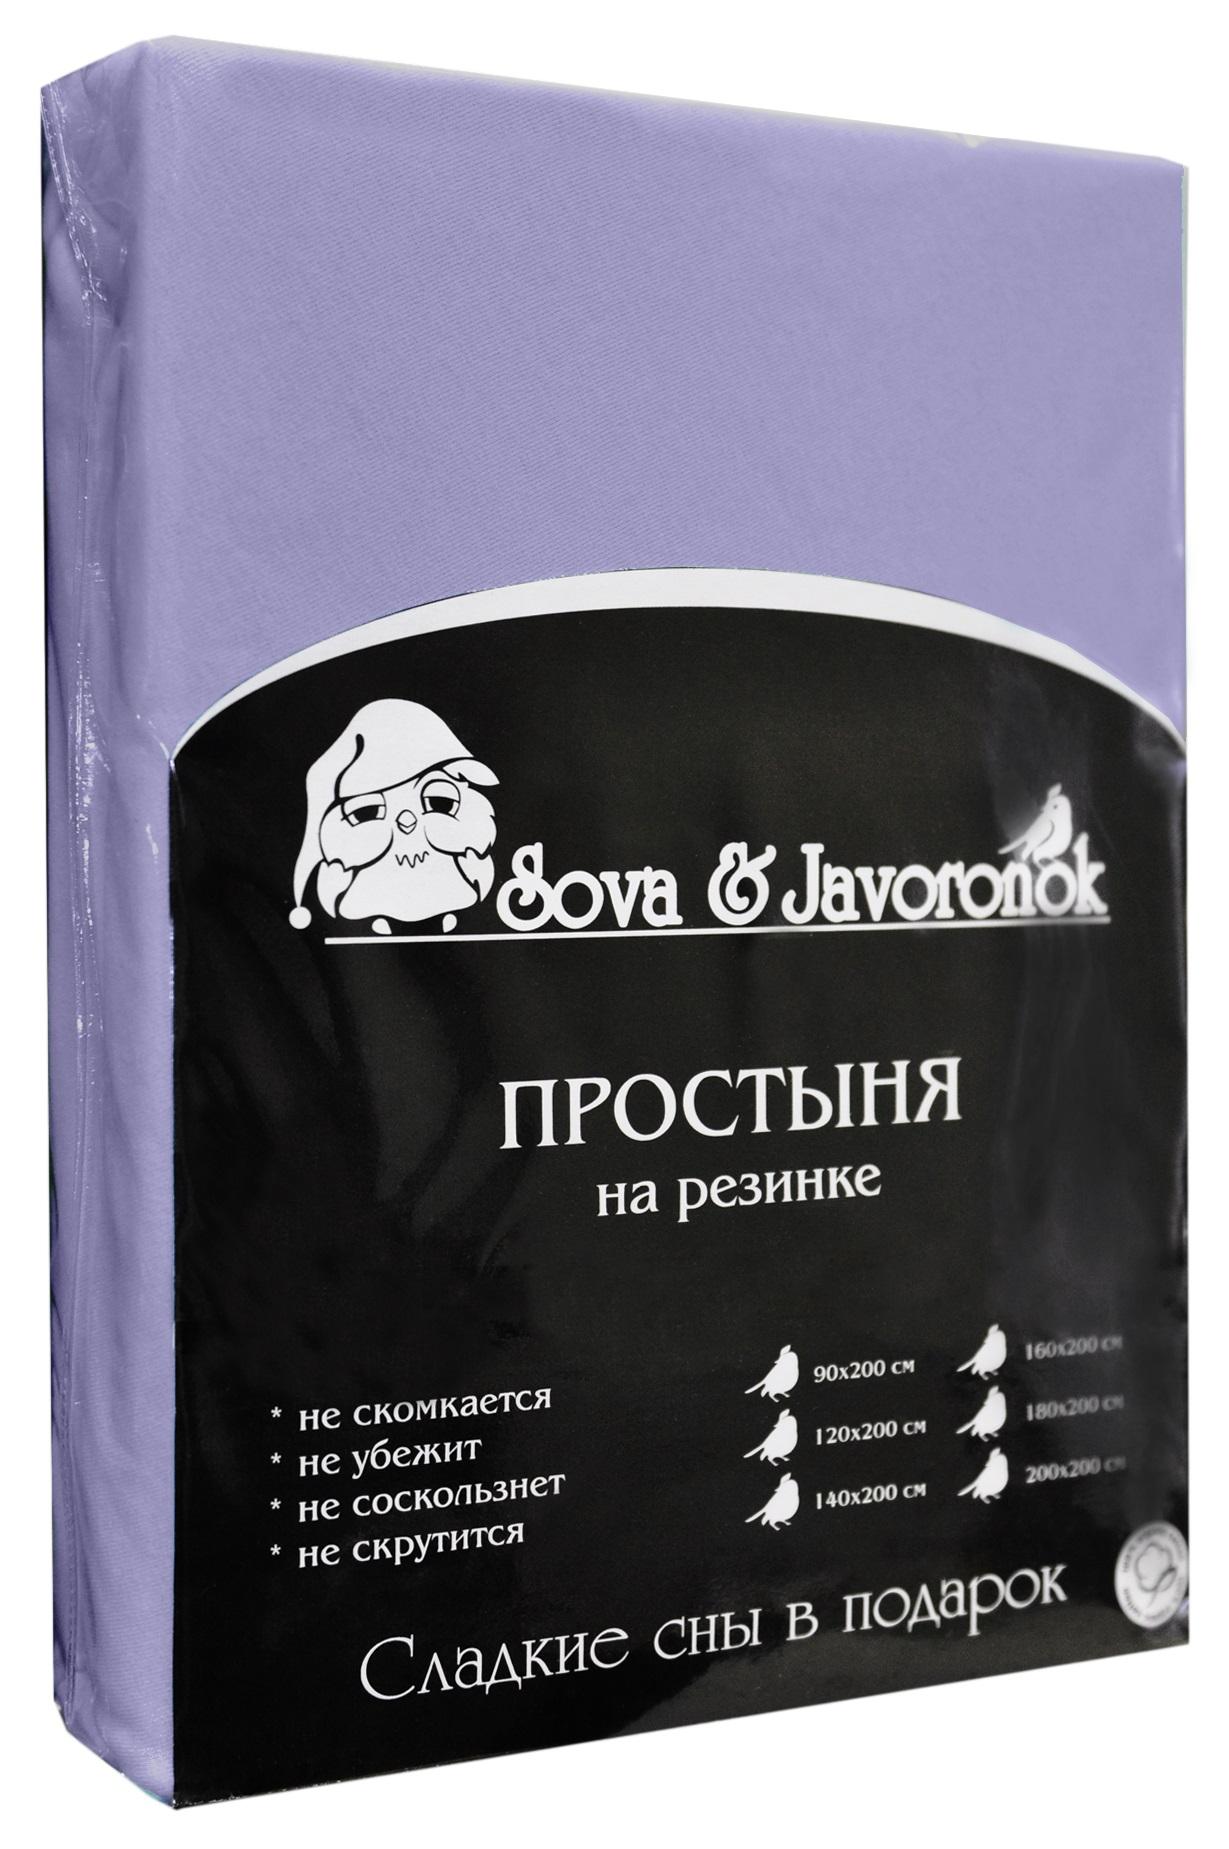 Простыня на резинке Sova & Javoronok, цвет: фиолетовый, 90 см х 200 смU210DFПростыня на резинке Sova & Javoronok, изготовленная из трикотажной ткани (100% хлопок), будет превосходно смотреться с любыми комплектами белья. Хлопчатобумажный трикотаж по праву считается одним из самых качественных, прочных и при этом приятных на ощупь. Его гигиеничность позволяет использовать простыню и в детских комнатах, к тому же 100%-ый хлопок в составе ткани не вызовет аллергии. У трикотажного полотна очень интересная структура, немного рыхлая за счет отсутствия плотного переплетения нитей и наличия особых петель, благодаря этому простыня Сова и Жаворонок отлично пропускает воздух и способствует его постоянной циркуляции. Поэтому ваша постель будет всегда оставаться свежей. Но главное и, пожалуй, самое известное свойство трикотажа - это его великолепная растяжимость, поэтому эта ткань и была выбрана для натяжной простыни на резинке.Простыня прошита резинкой по всему периметру, что обеспечивает более комфортный отдых, так как она прочно удерживается на матрасе и избавляет от необходимости часто поправлять простыню.